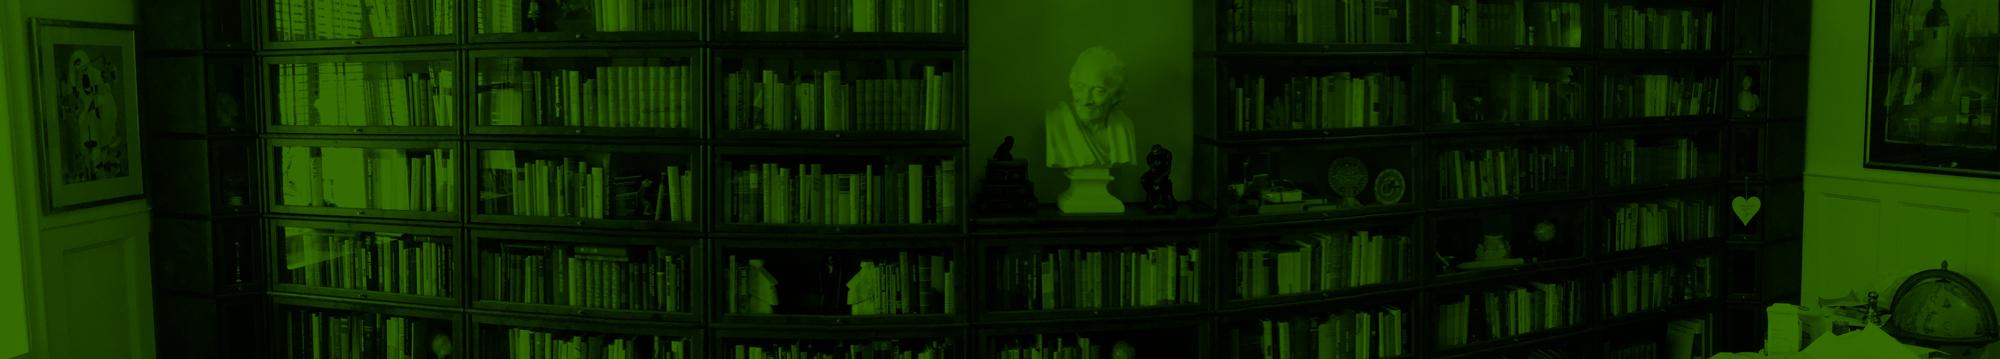 bibliotek-beskuren